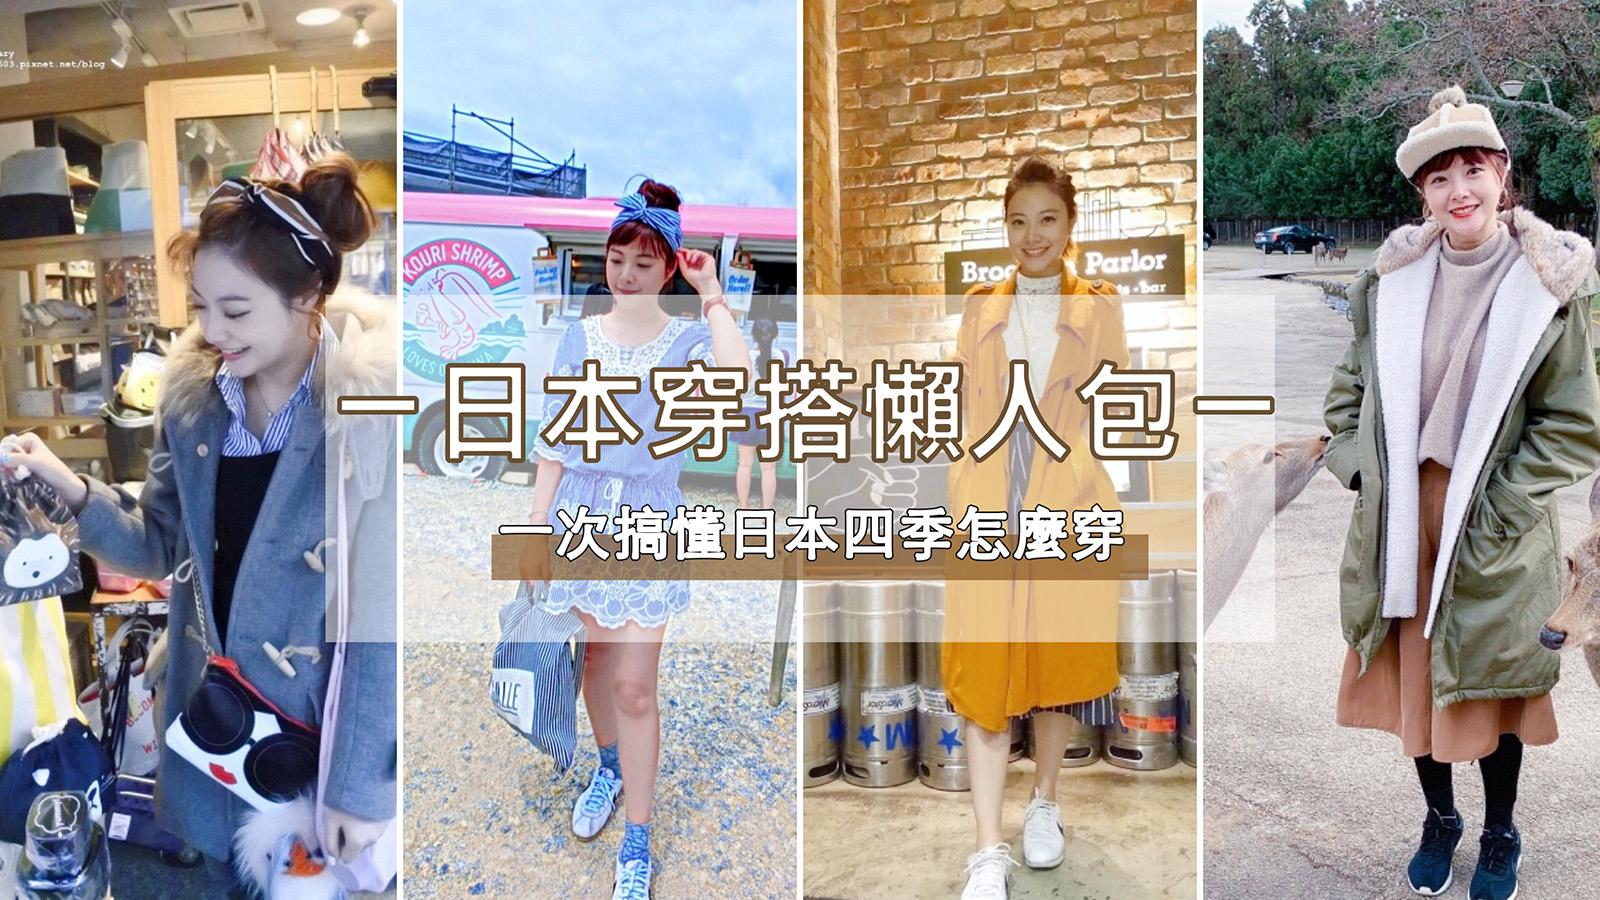 閱讀文章:☆【2020更新:東京/大阪四季穿衣哲學】日本天氣如何?怎麼穿衣服?年度穿搭術這篇一次報告完畢!